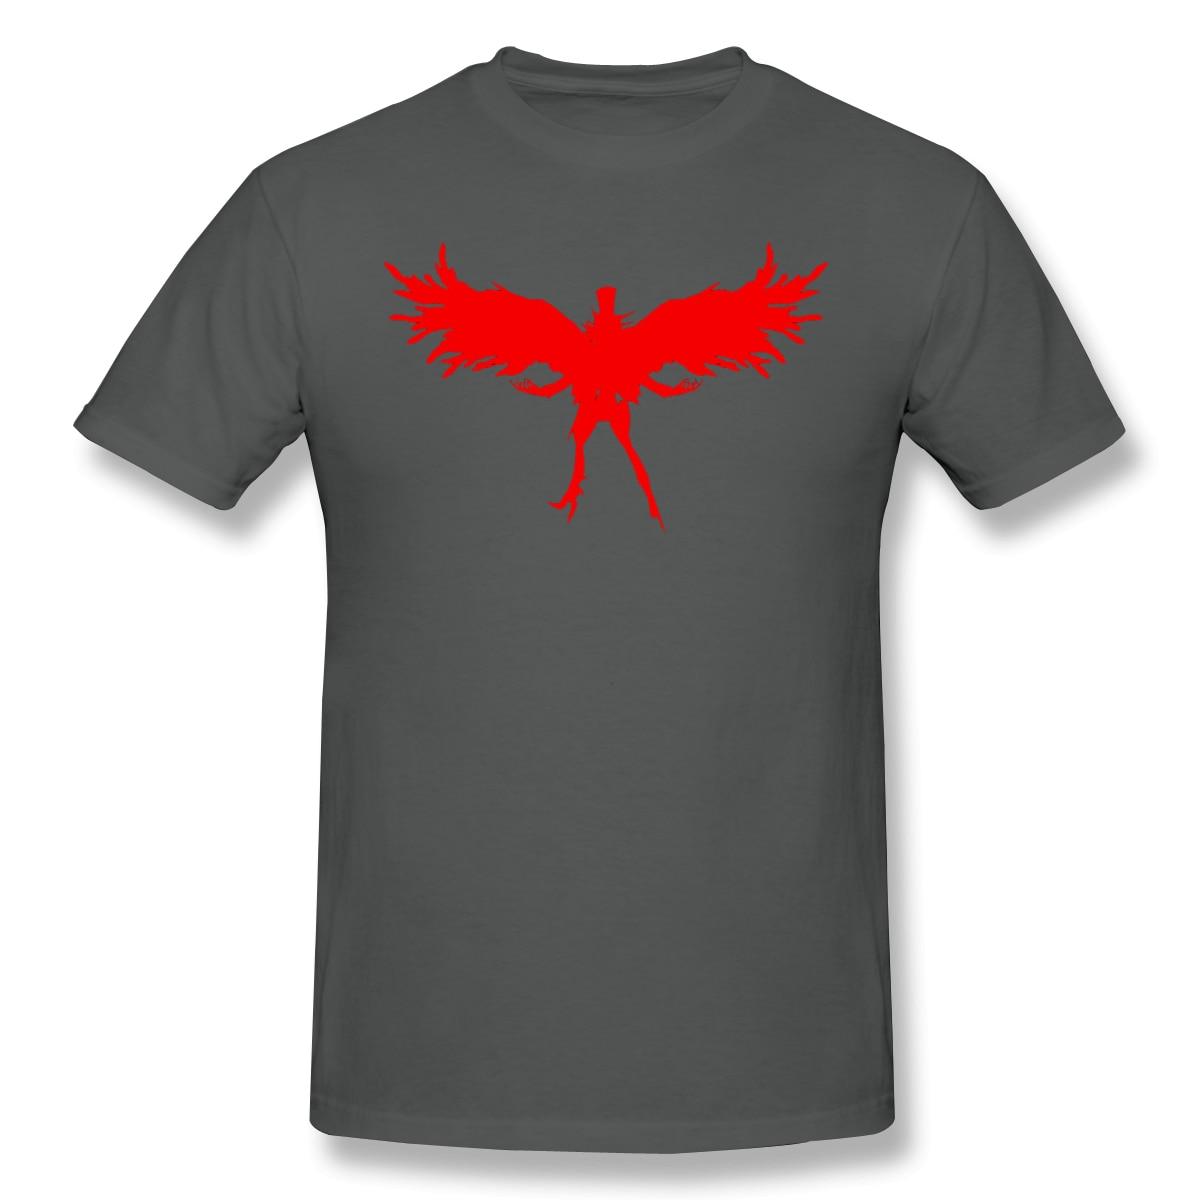 2020  cotton T-shirt Nova de verão t vermelha silhueta de arsene camiseta de algodão persona 5 ofertas camiseta